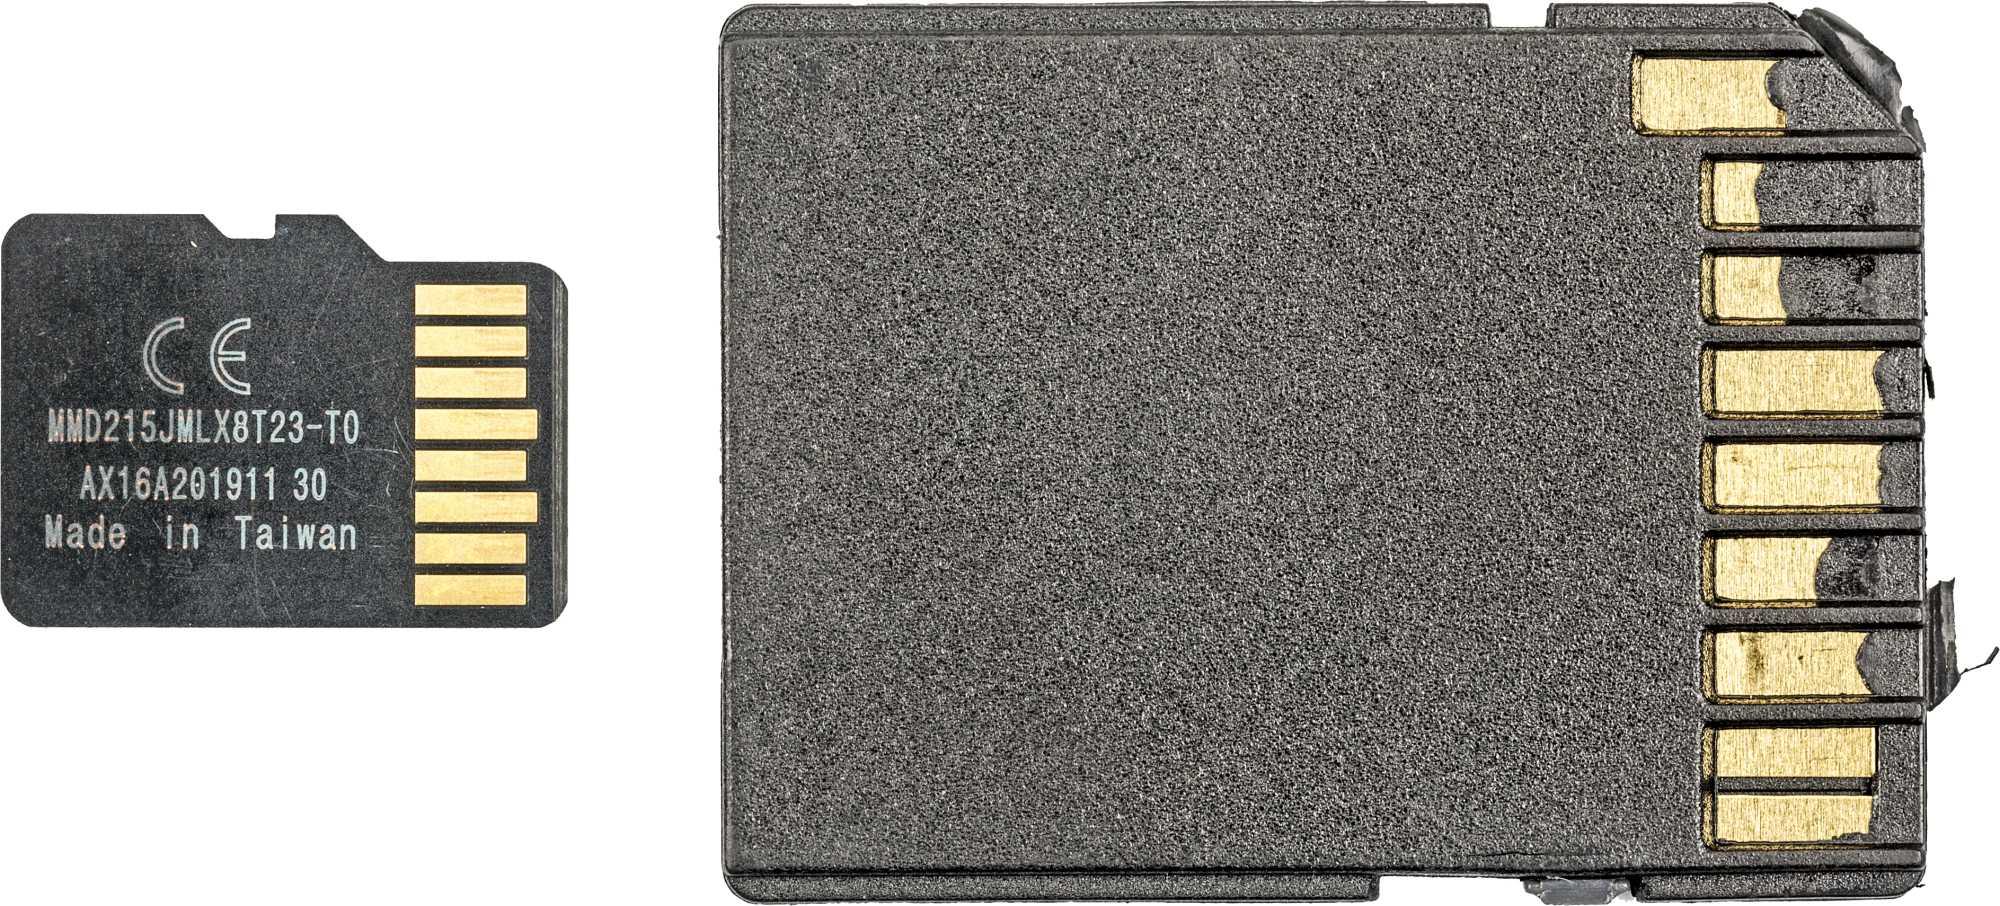 Der gefälschten Toshiba-Speicherkarte lag ein defekter MicroSD- auf SD-Adapter mit zu kurzen Kontakten bei.